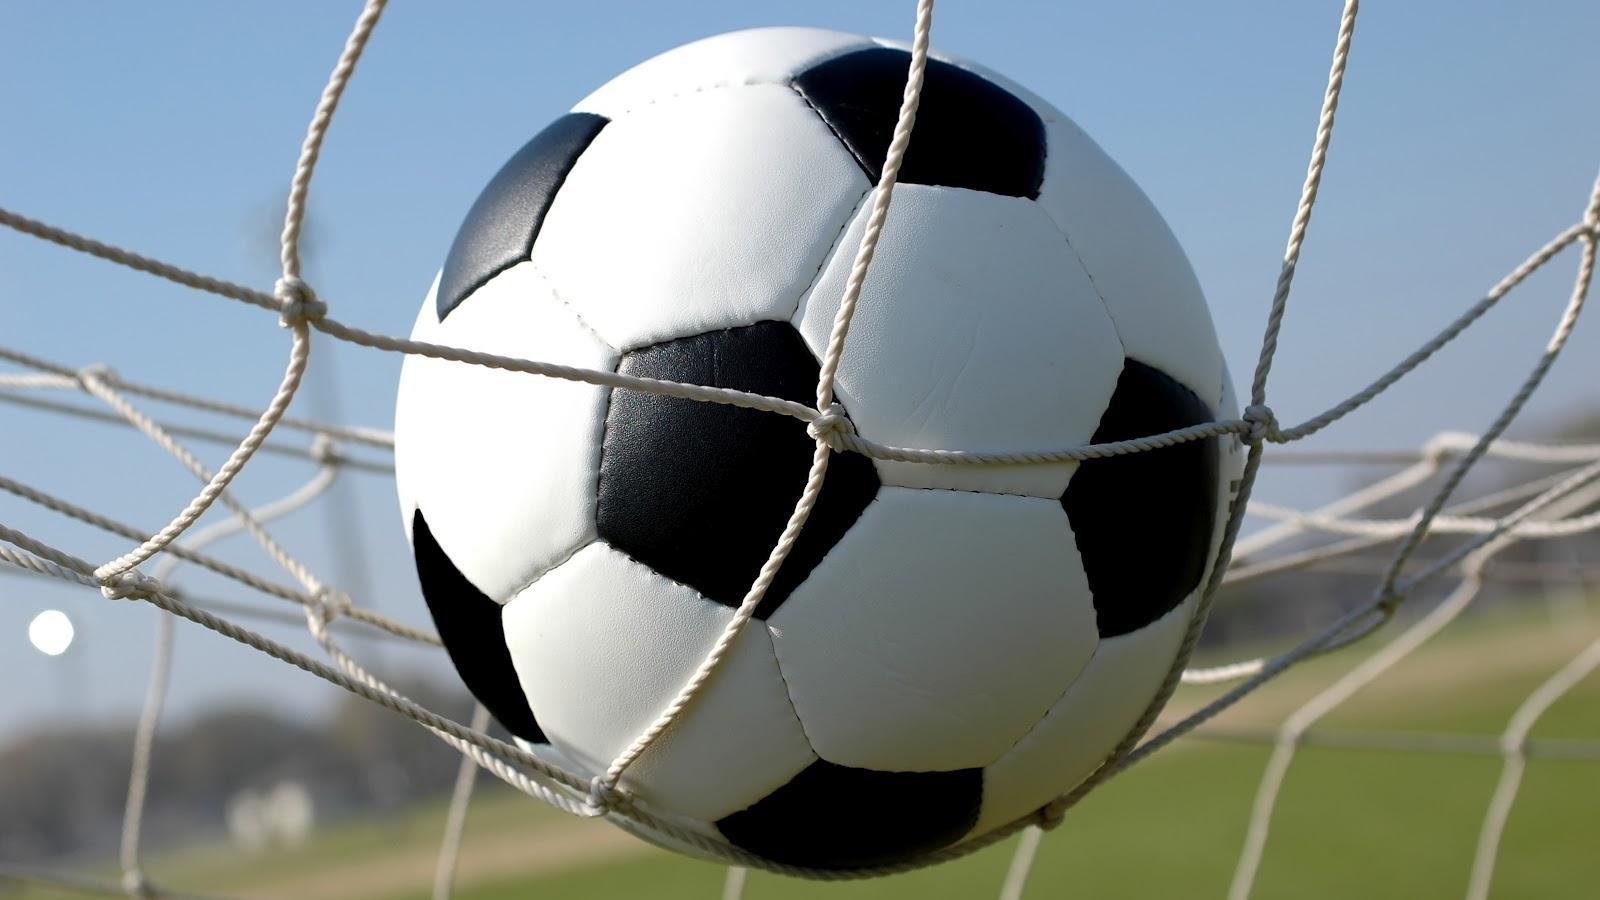 بسكويت قذر التأكيد موضوع انجليزي عن رياضة كرة القدم Dsvdedommel Com